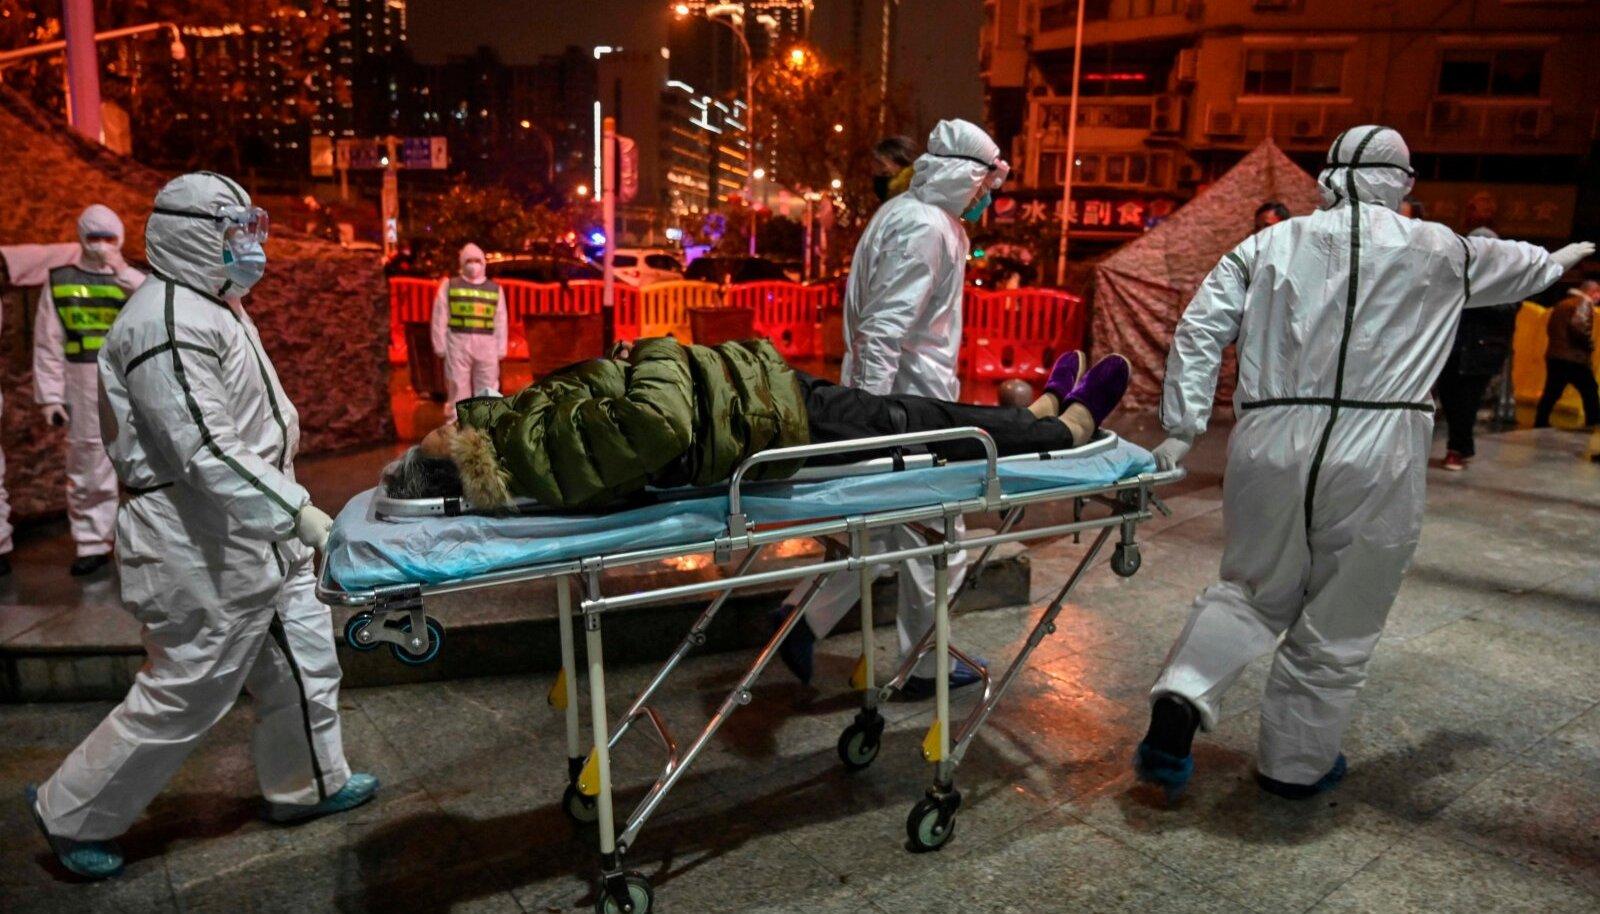 Jaanuaris transportisid Wuhani meedikud siis veel tundmatusse haigusse nakatunud patsienti Punase Risti haiglasse. Esimene koroonasse nakatunu tuvastati täpselt aasta eest Wuhanis.